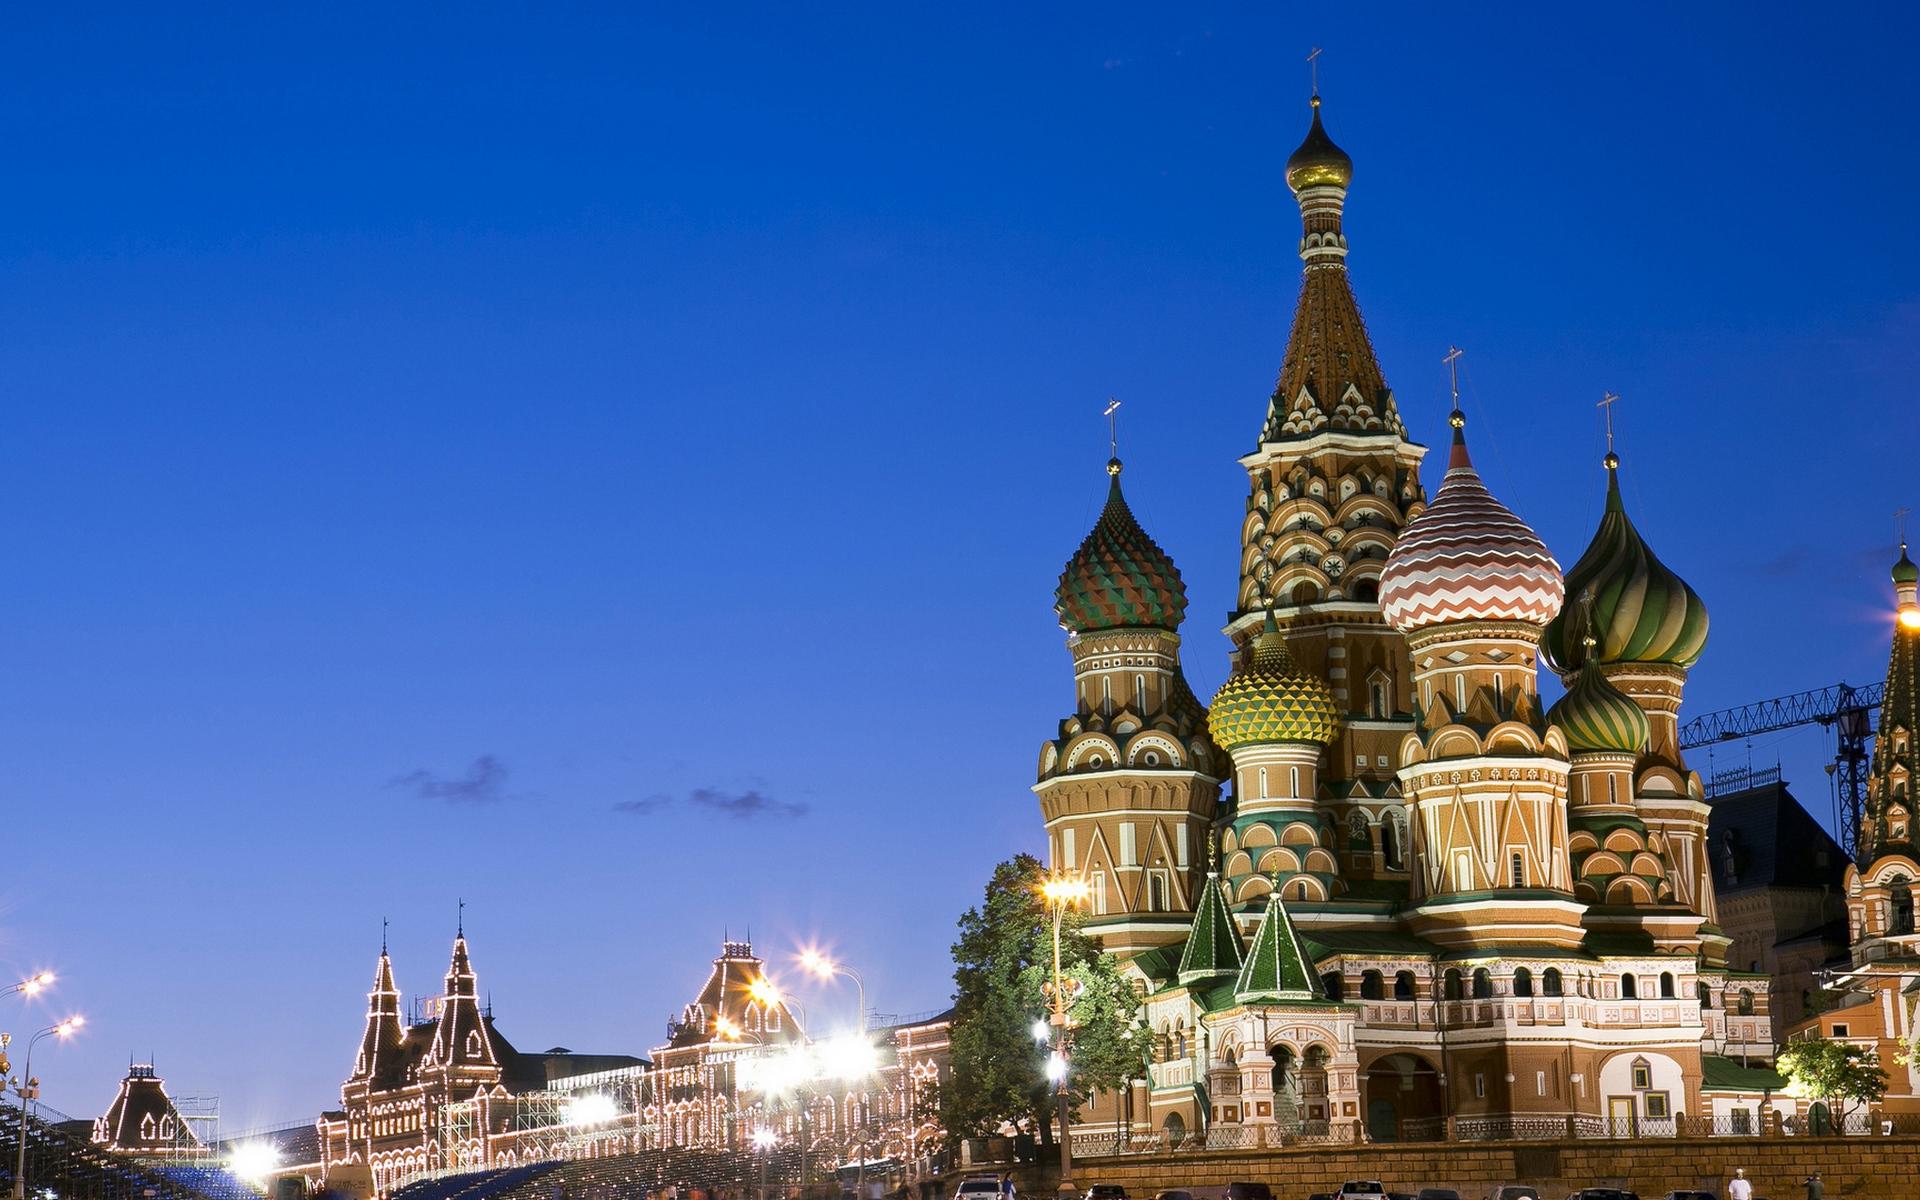 вечер, Москва, красная площадь